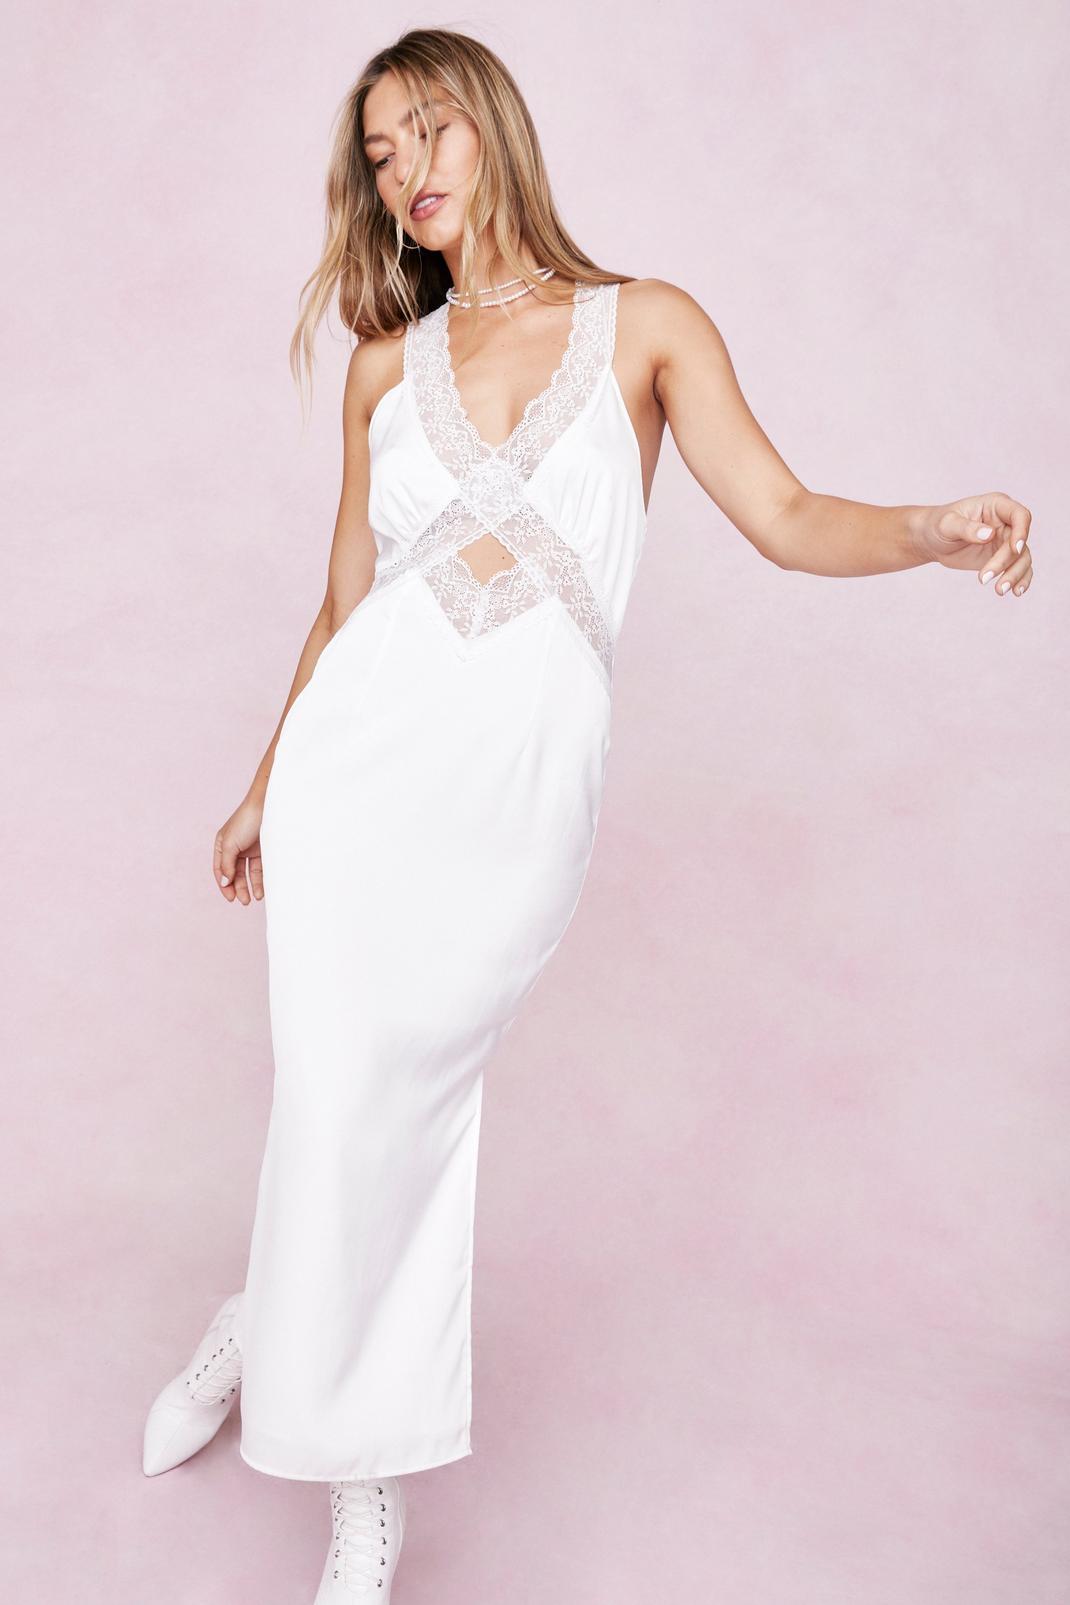 Lace Cut Out Slip Dress